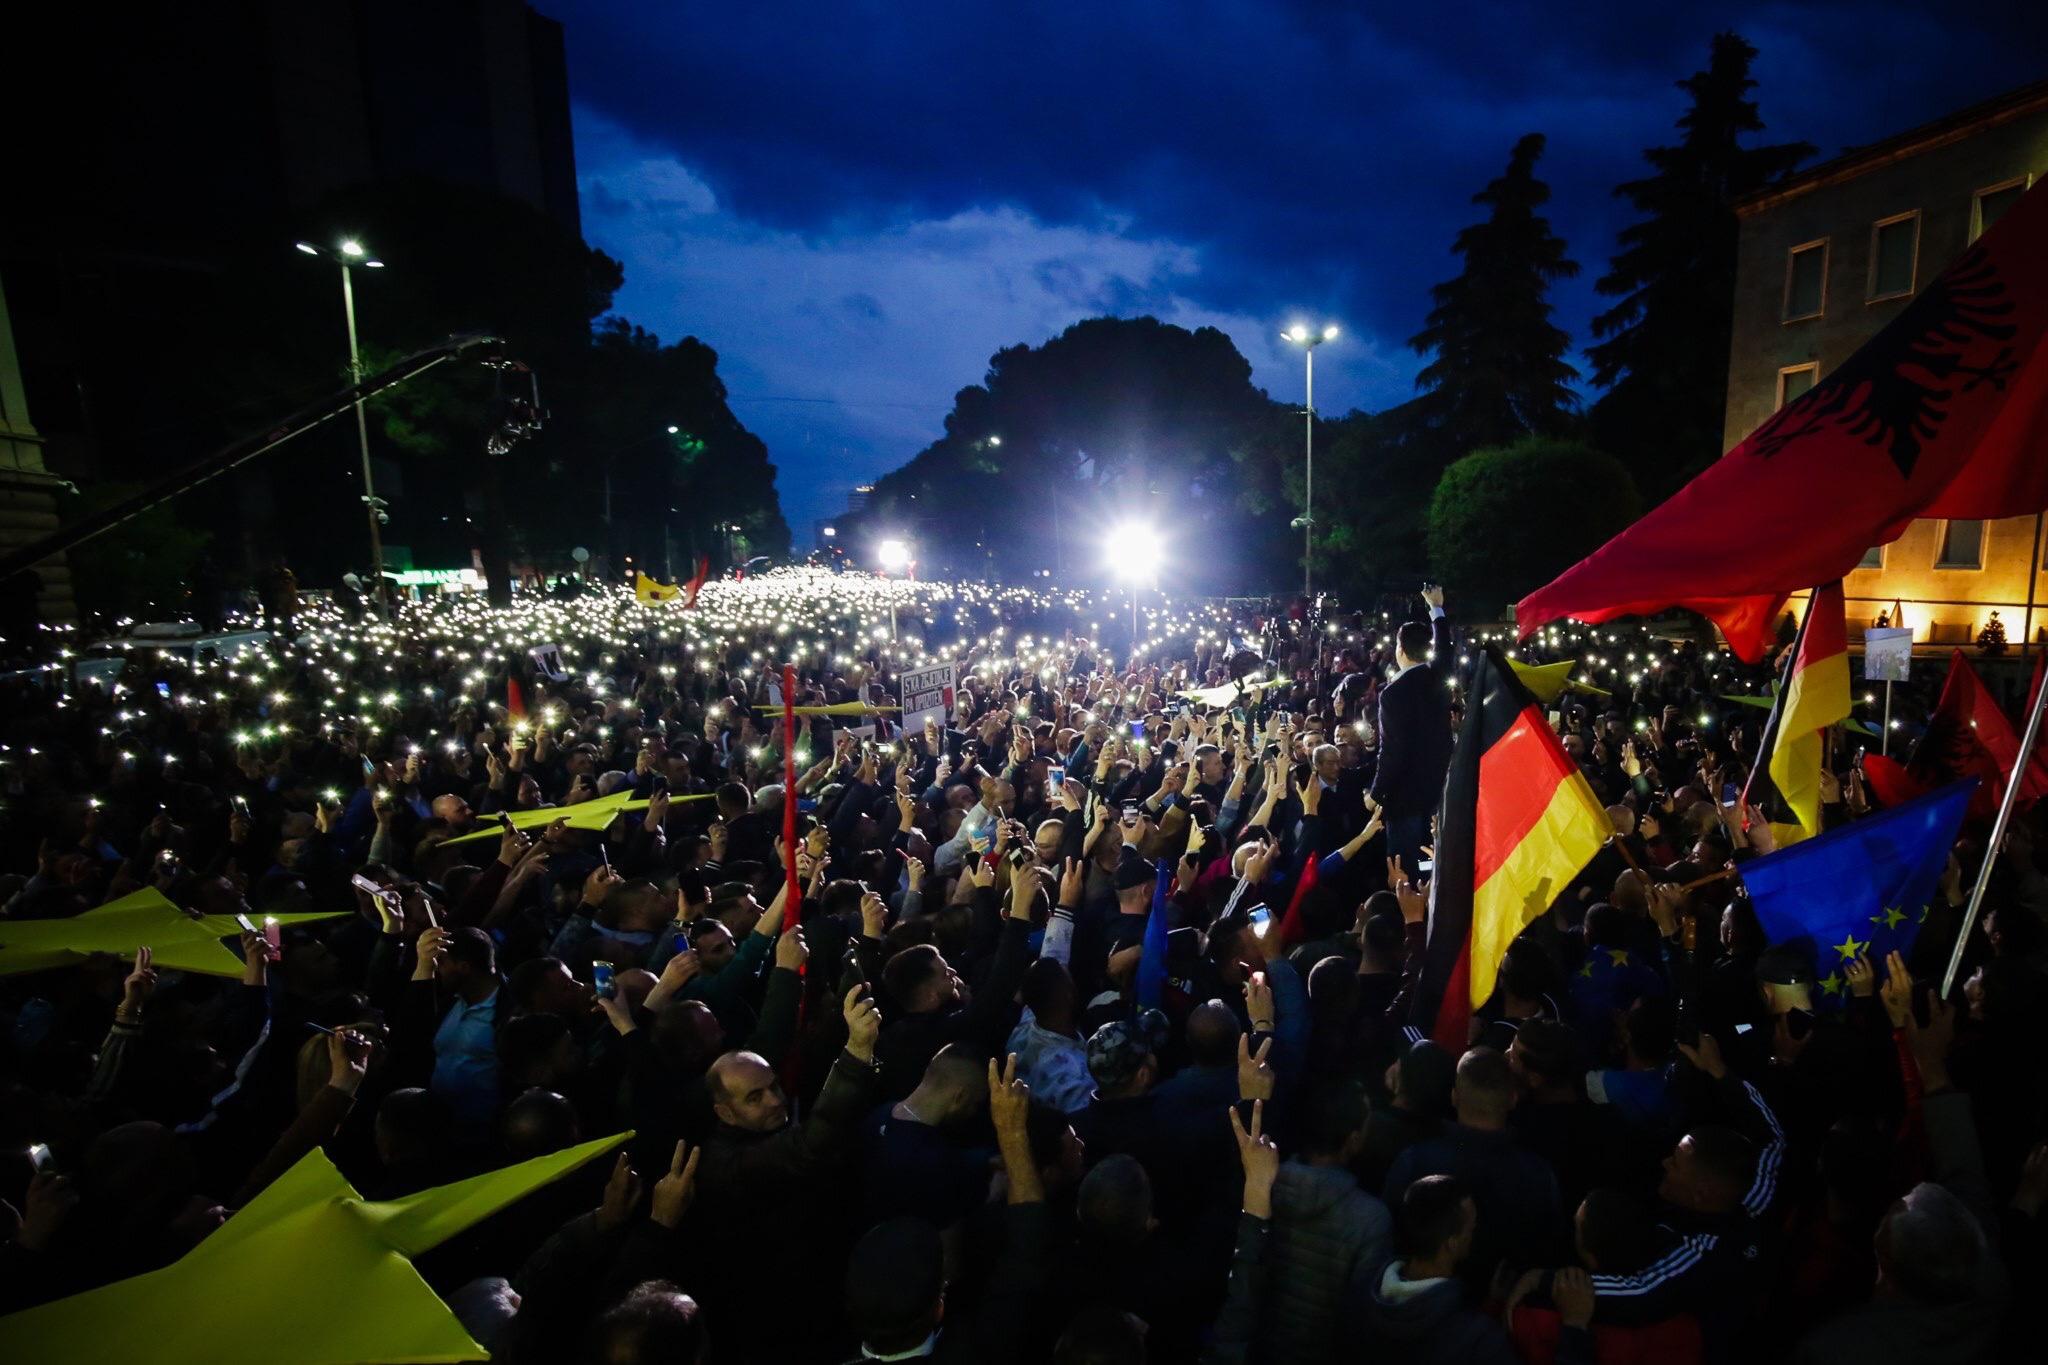 Agustin M. Mirakaj: Qeveria Shqiptare është si një dhemballë e prishur